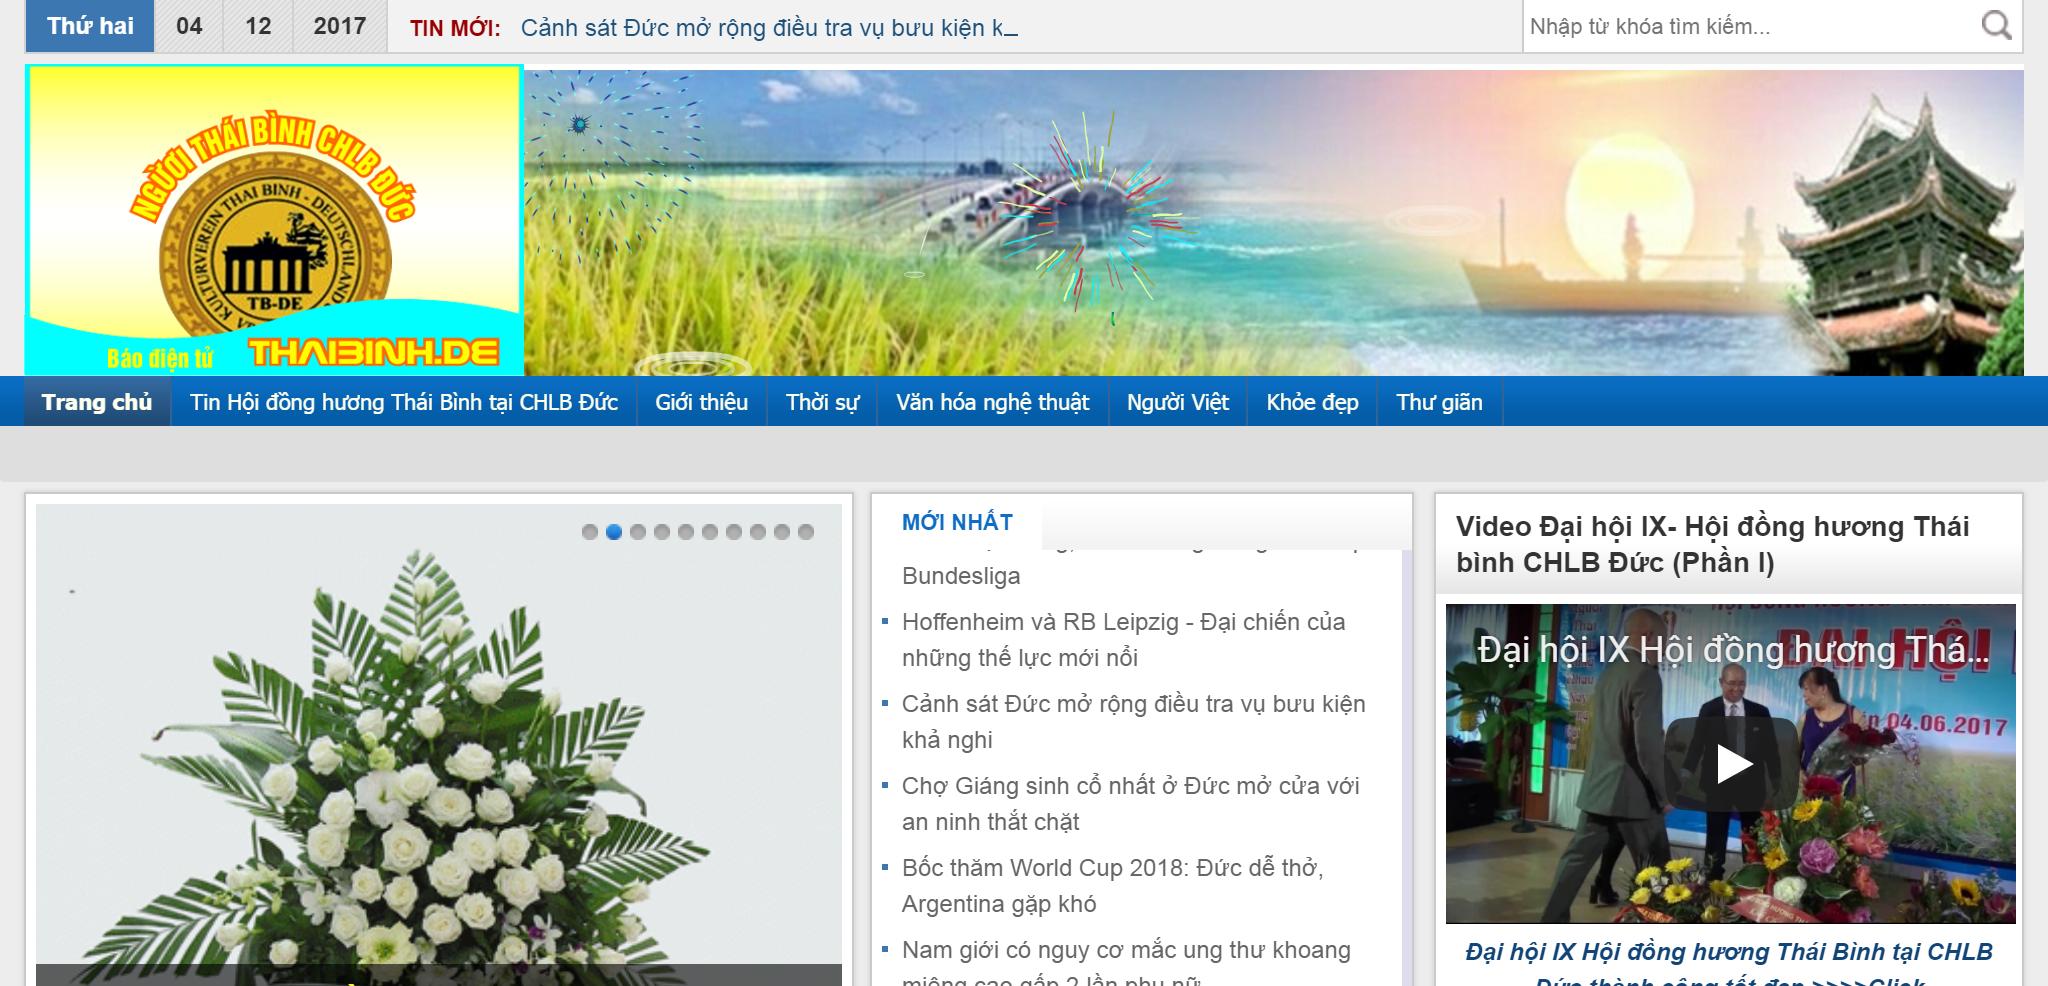 thaibinh.de - CHLB Đức